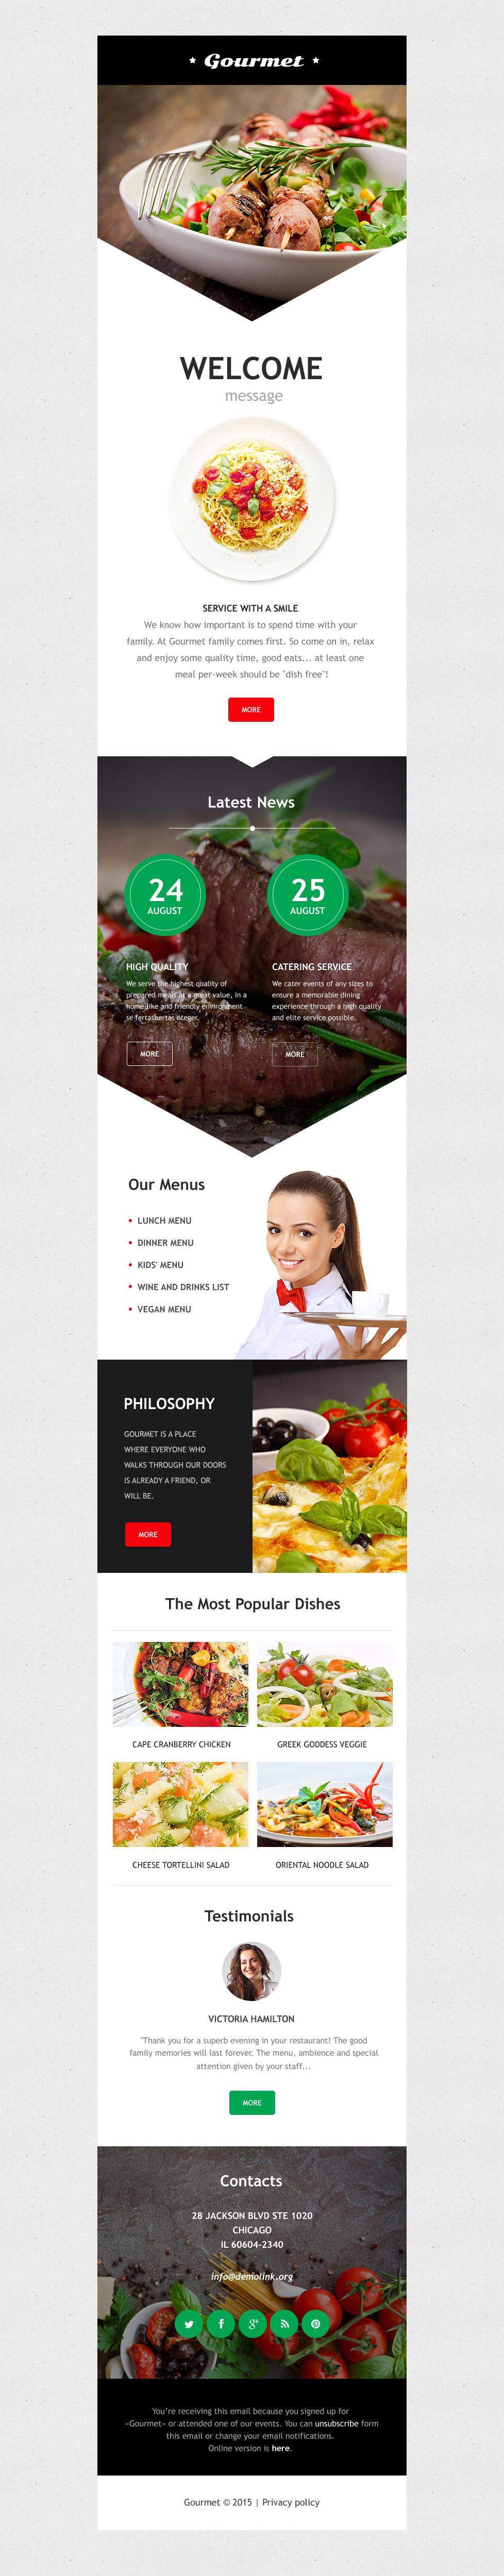 Reszponzív Kávézó és étterem Hírlevél sablon 56079